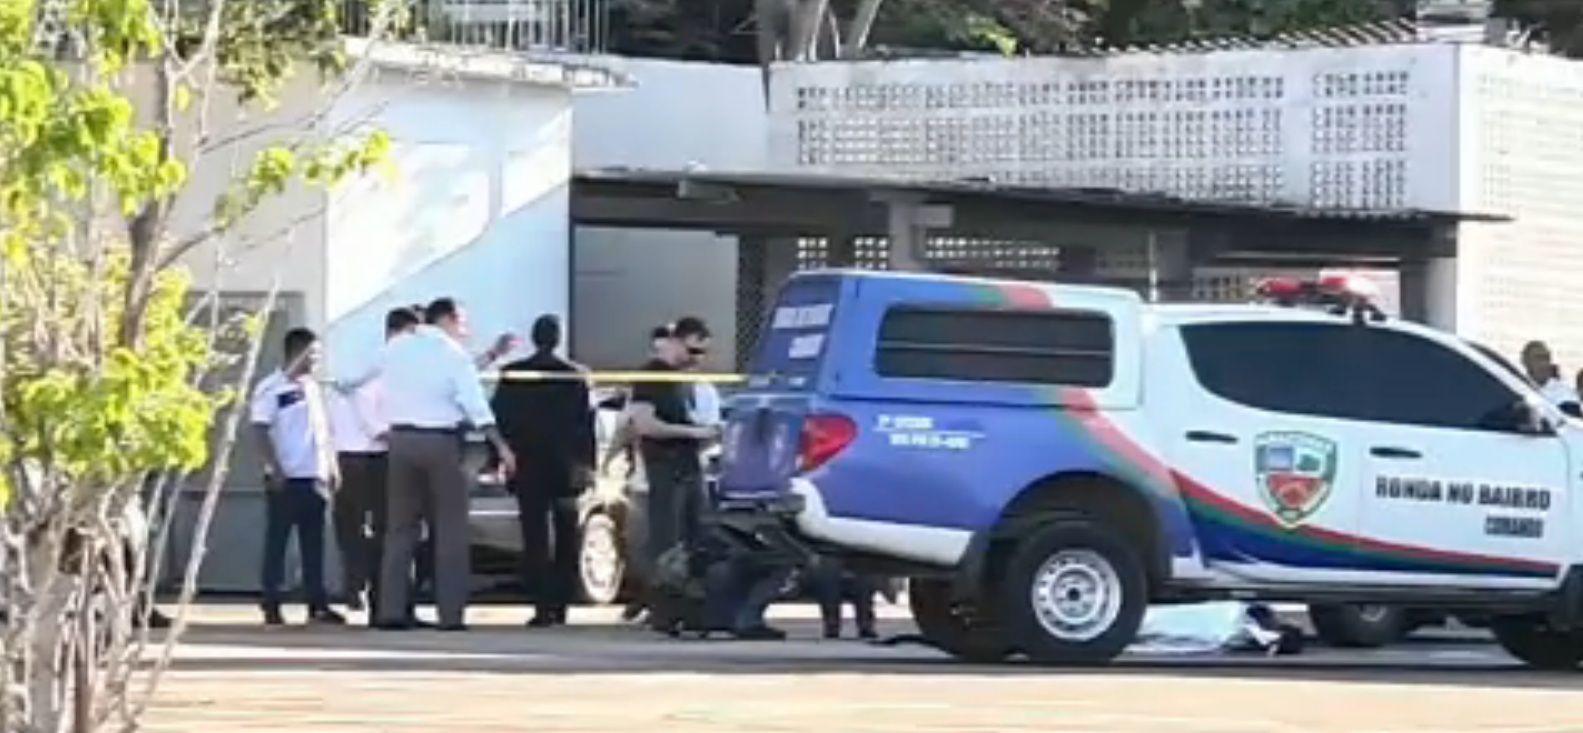 De ontem para hoje, foram 14 homicídios na capital / Reprodução/Jornal da Band